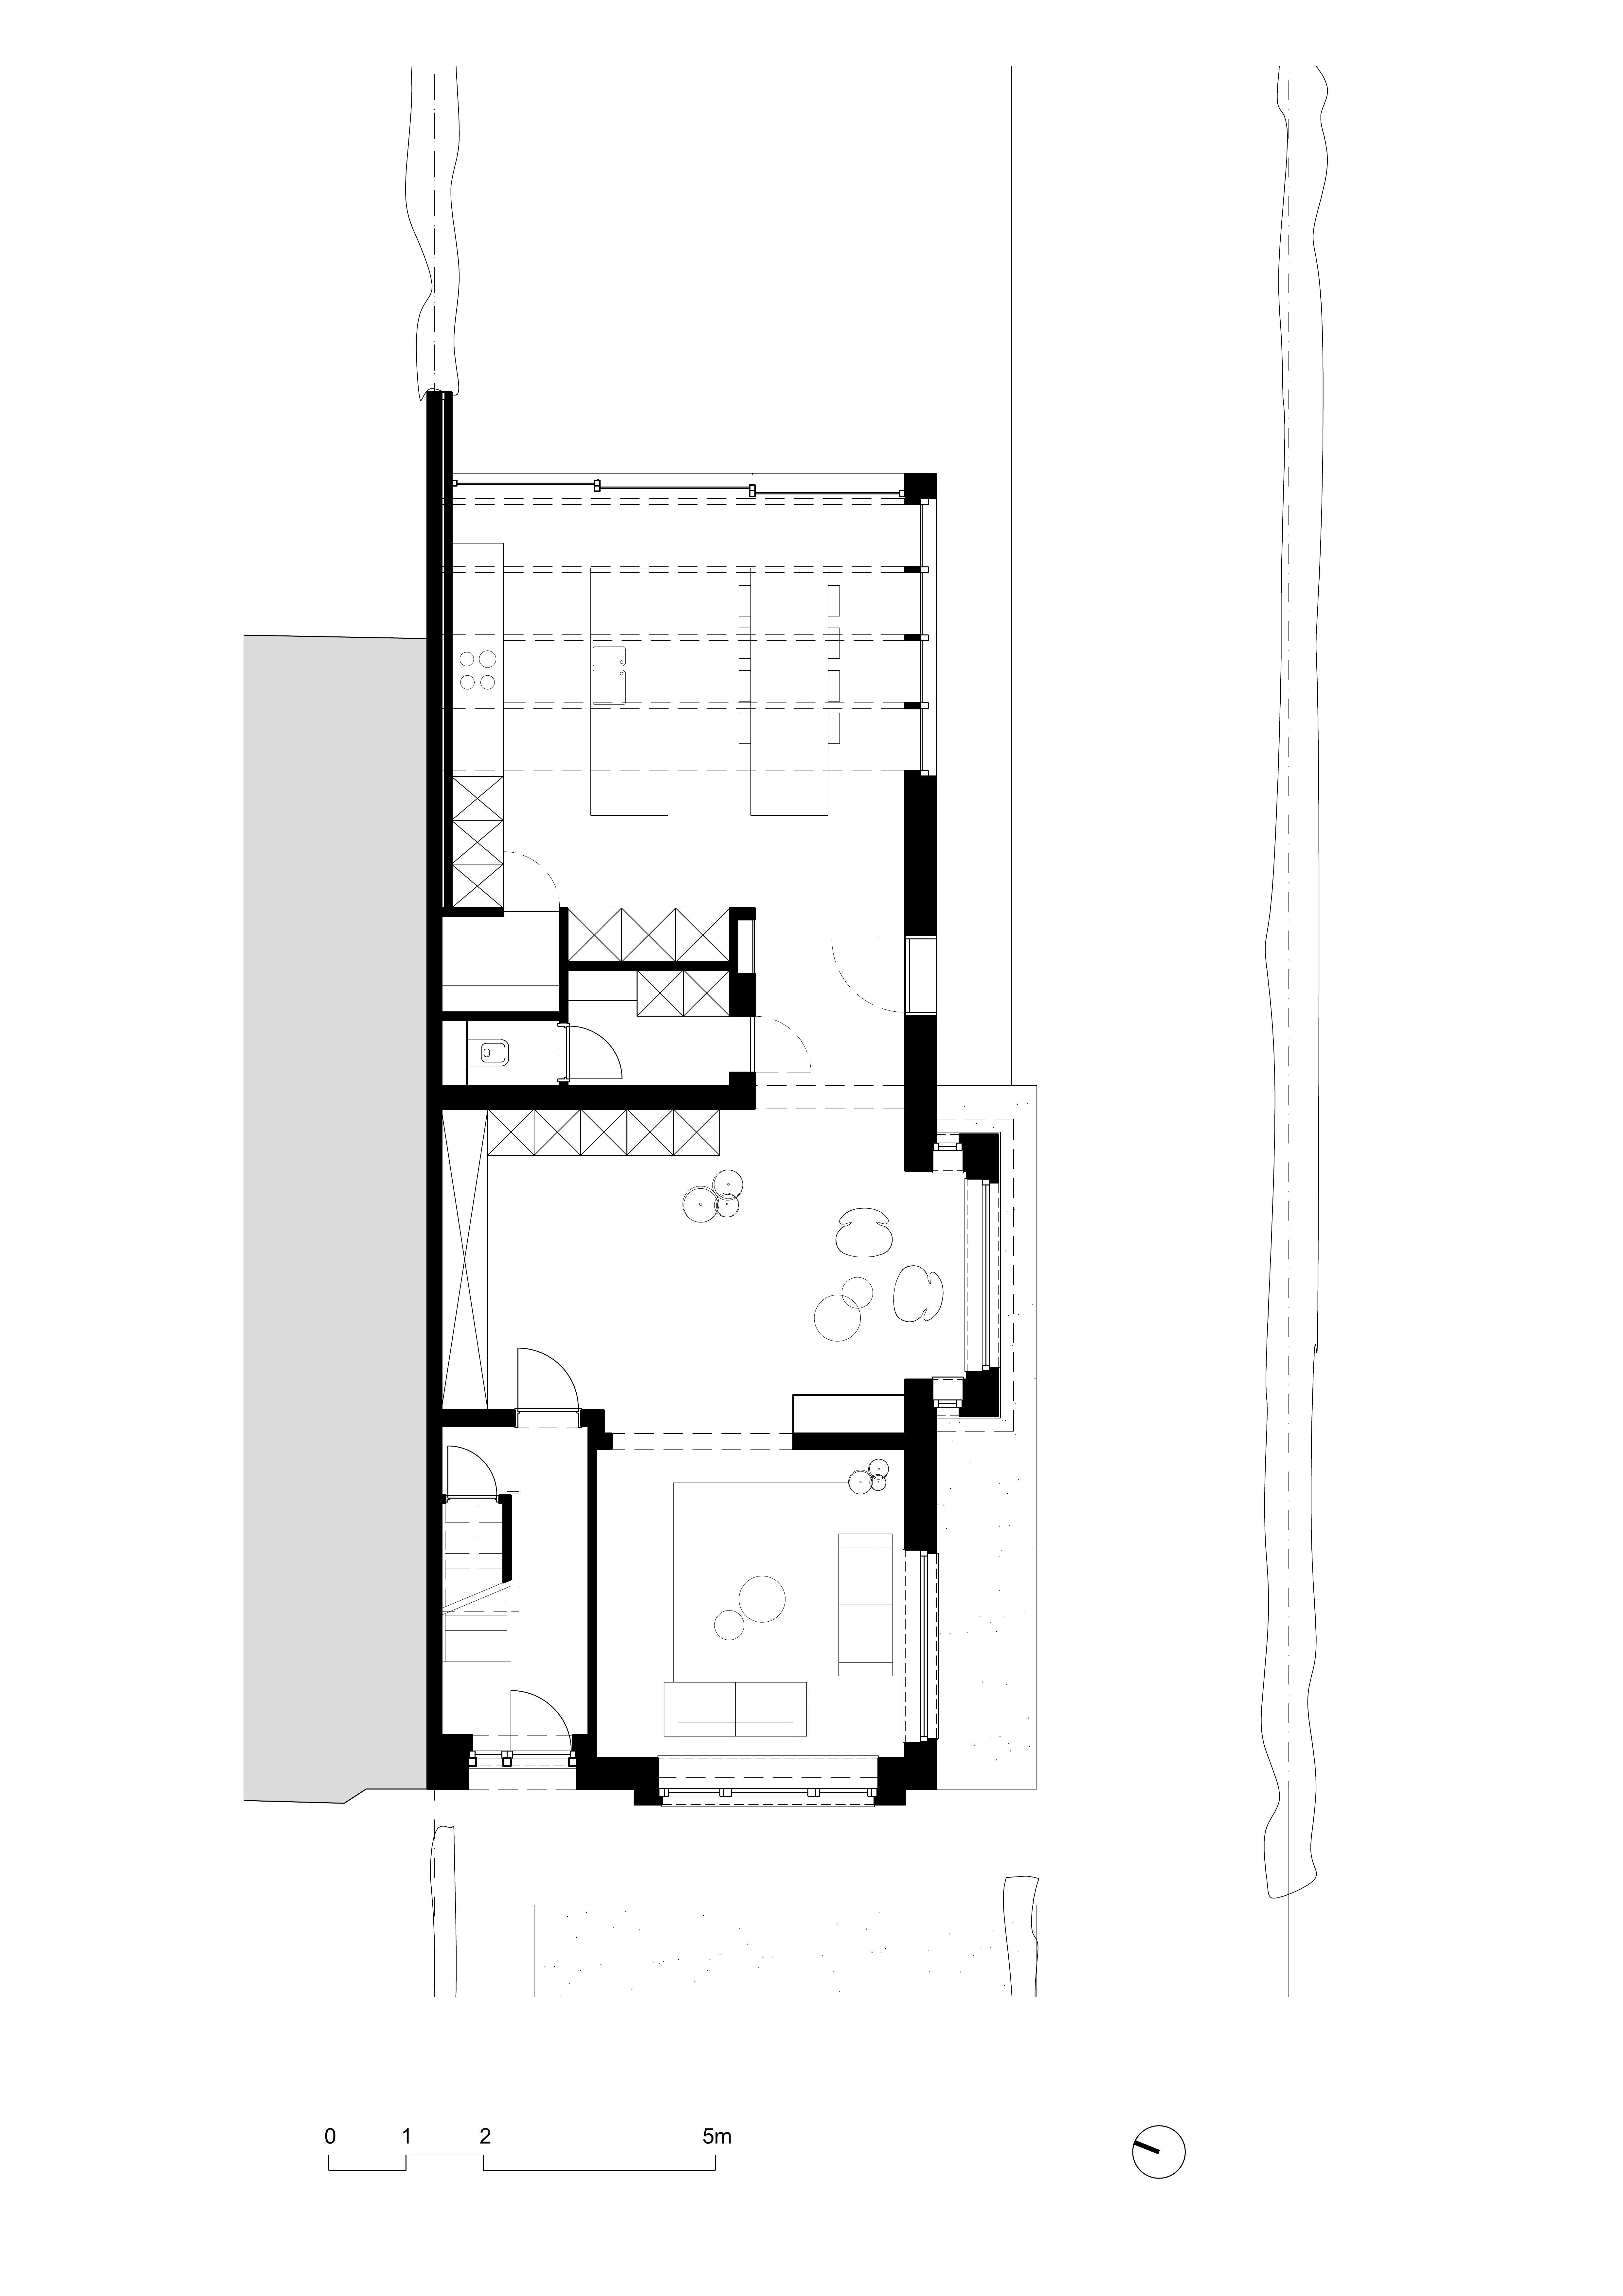 faktordertig - architectuur - uitbreiding - renovatie - Lier - Antwerpen